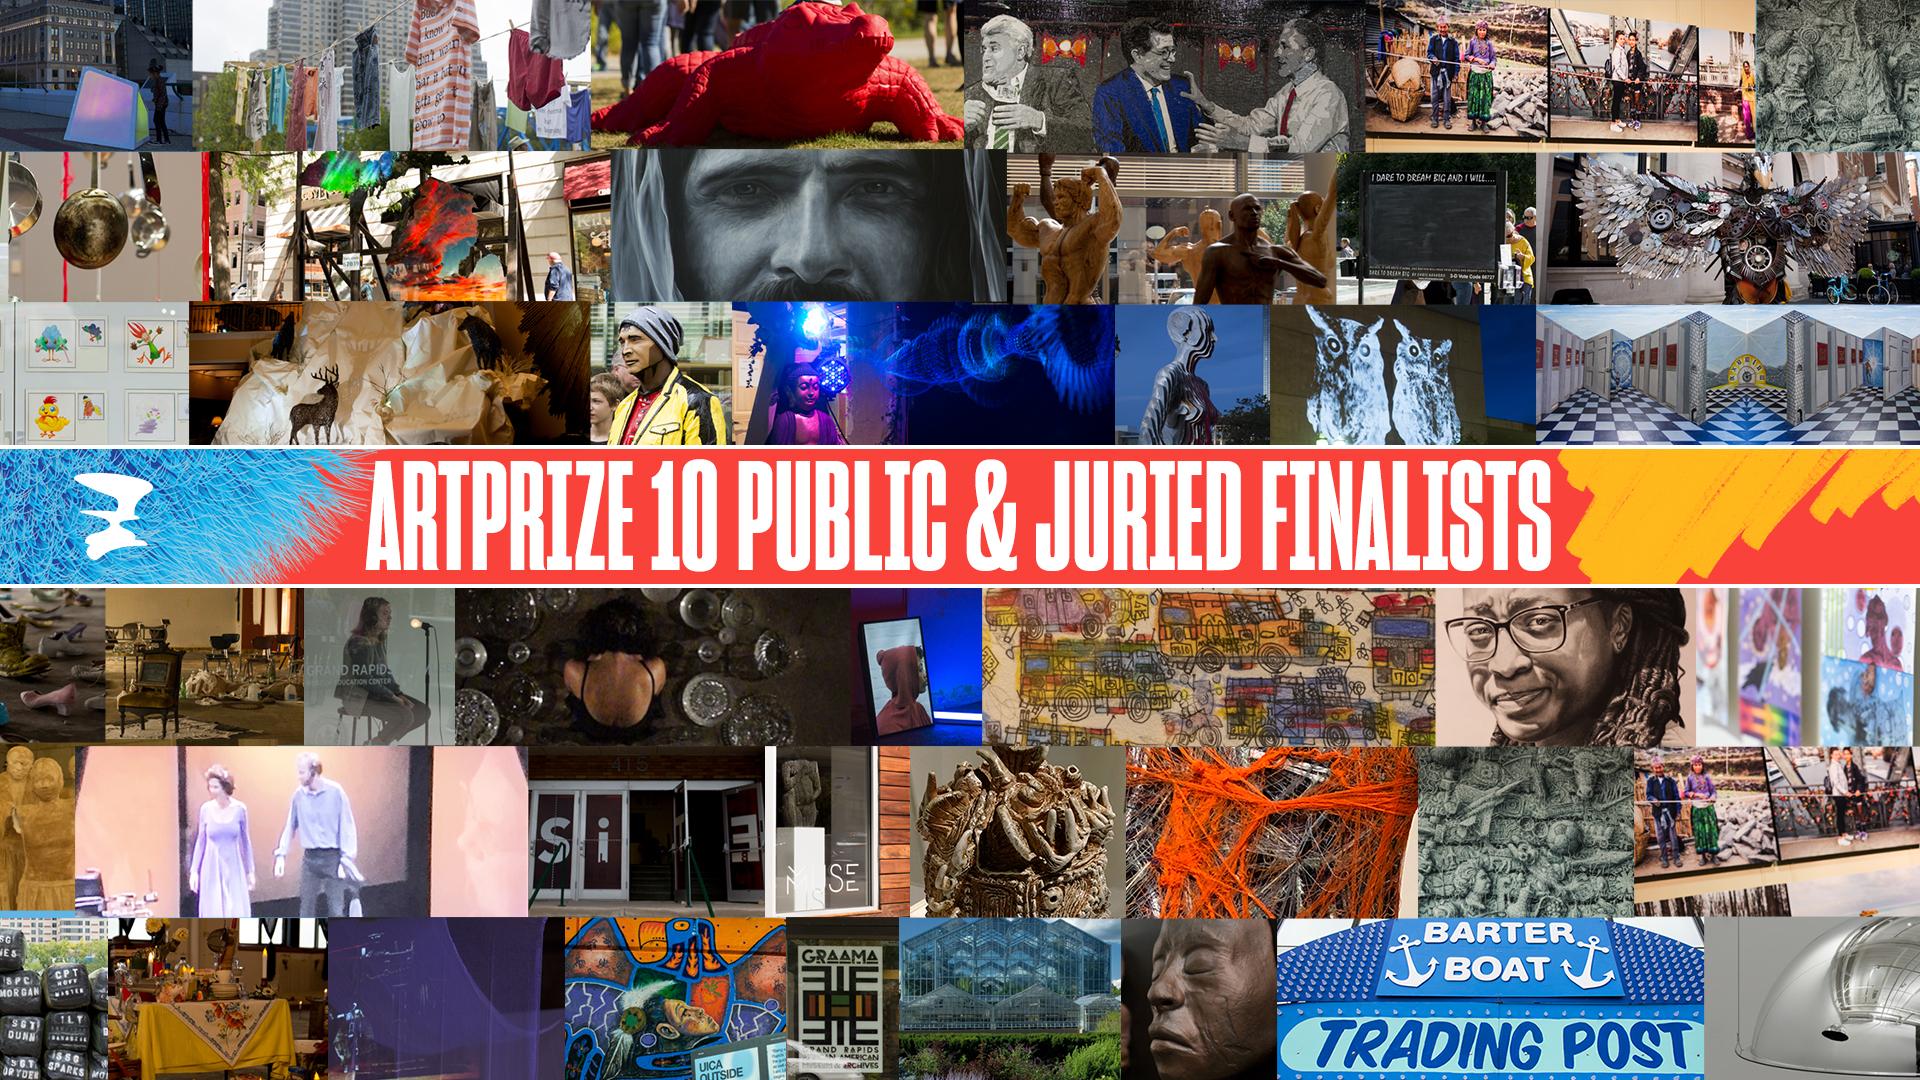 ArtPrize 10 juried award shortlist final 20 graphic_1538530963110.jpg.jpg